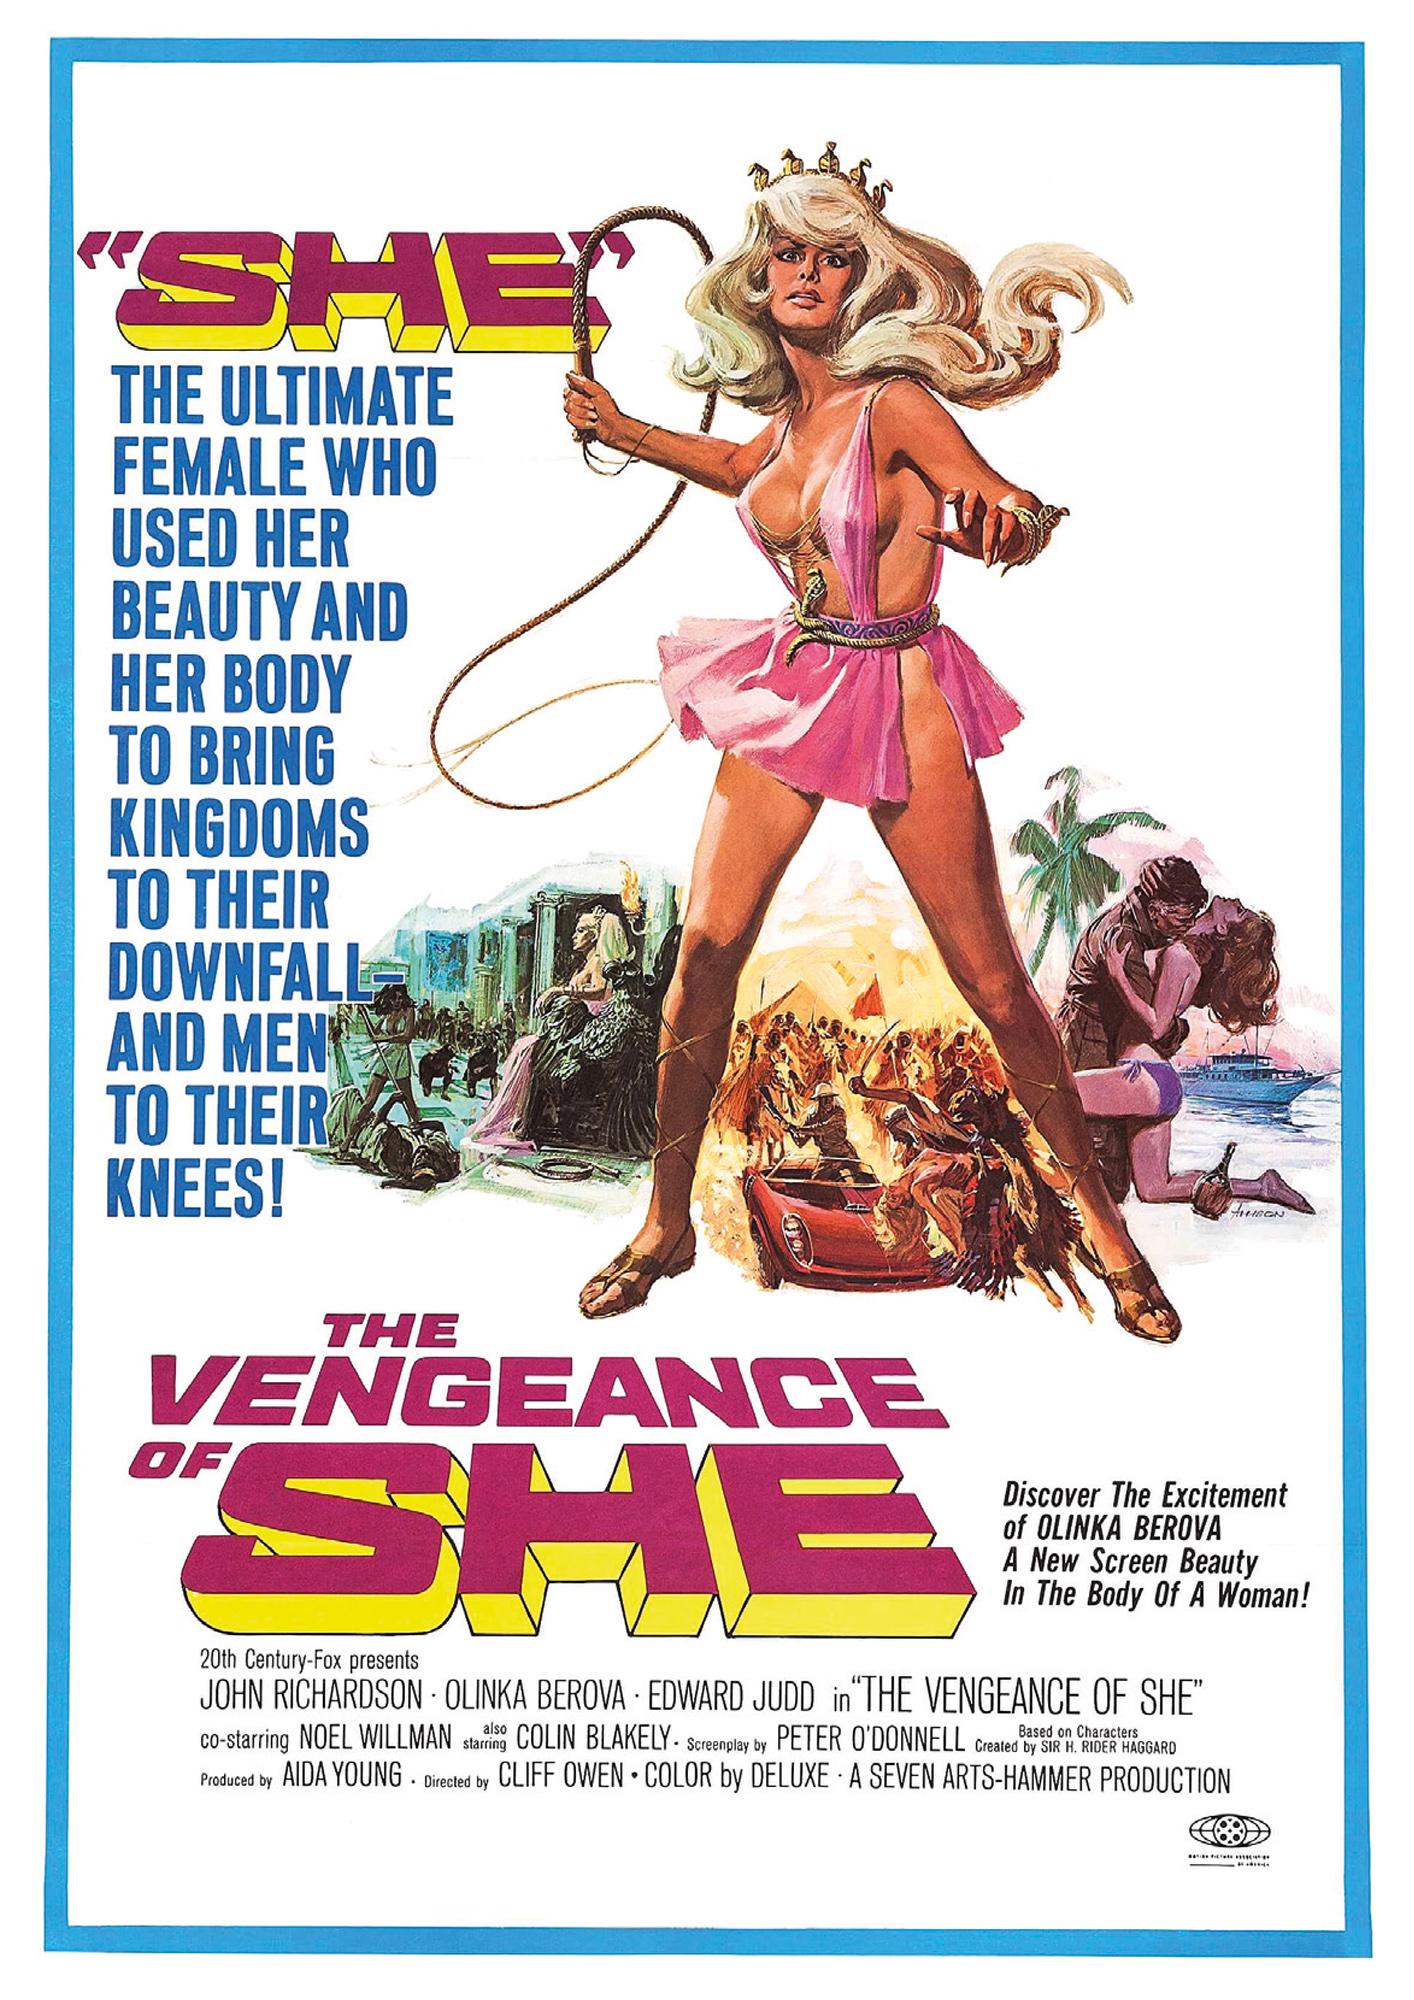 Hammer33_Vengeance